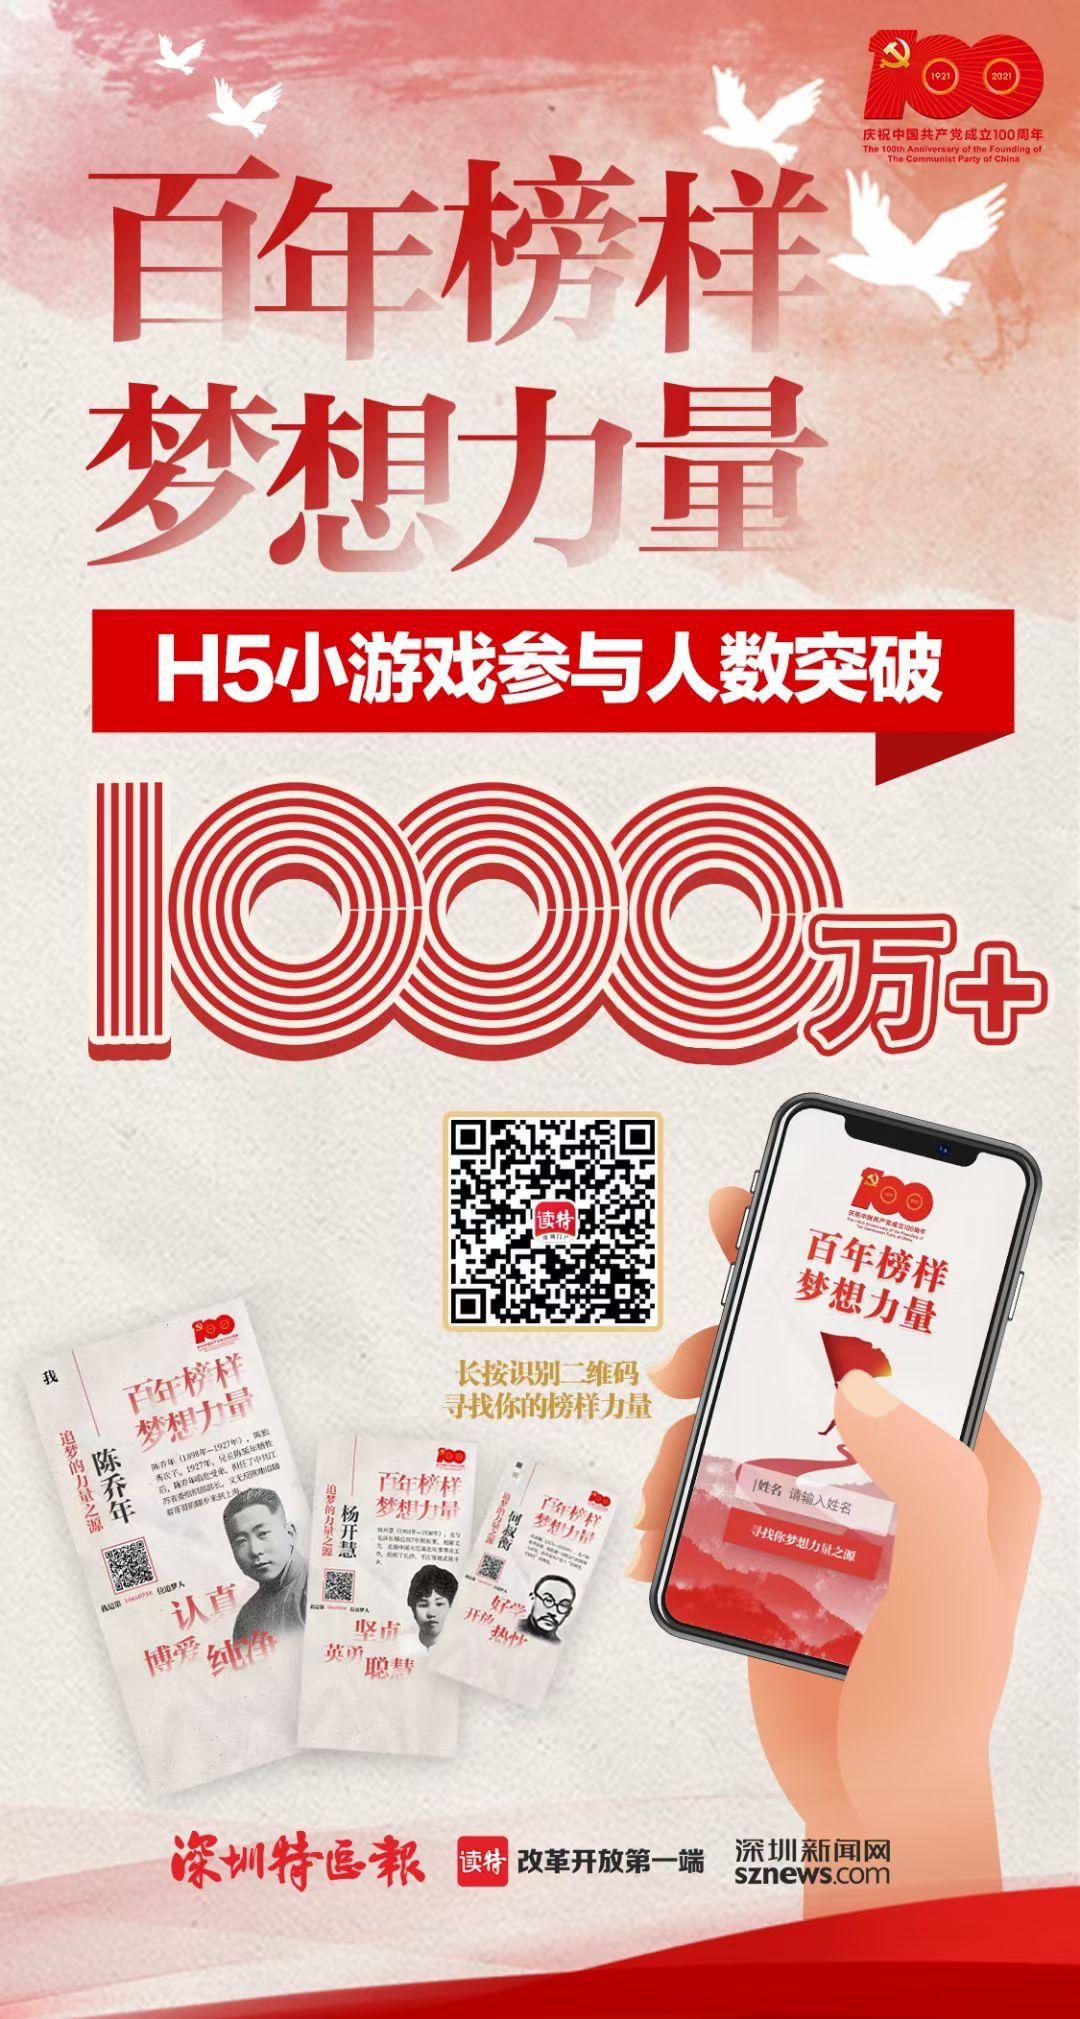 """首日参与量1000万+!超30个平台转发!读特""""百年榜样""""H5互动小游戏刷屏朋友圈"""